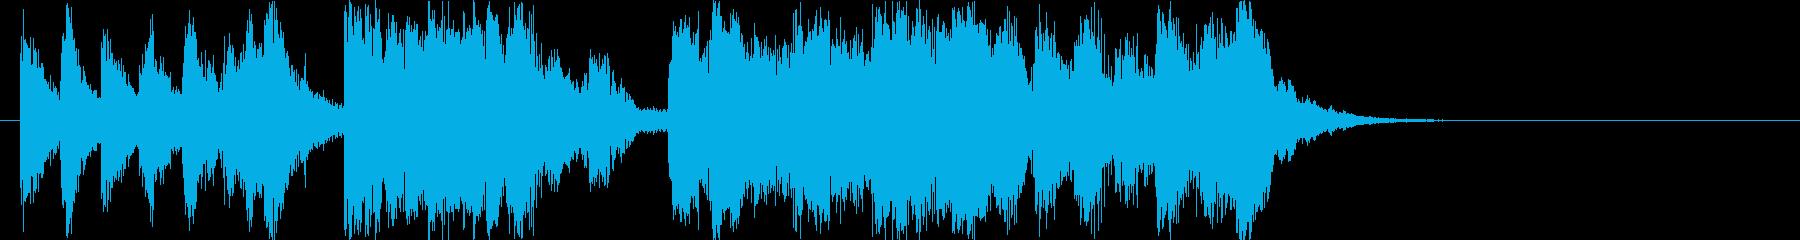 明るくファニーなオーケストラロゴ♪の再生済みの波形